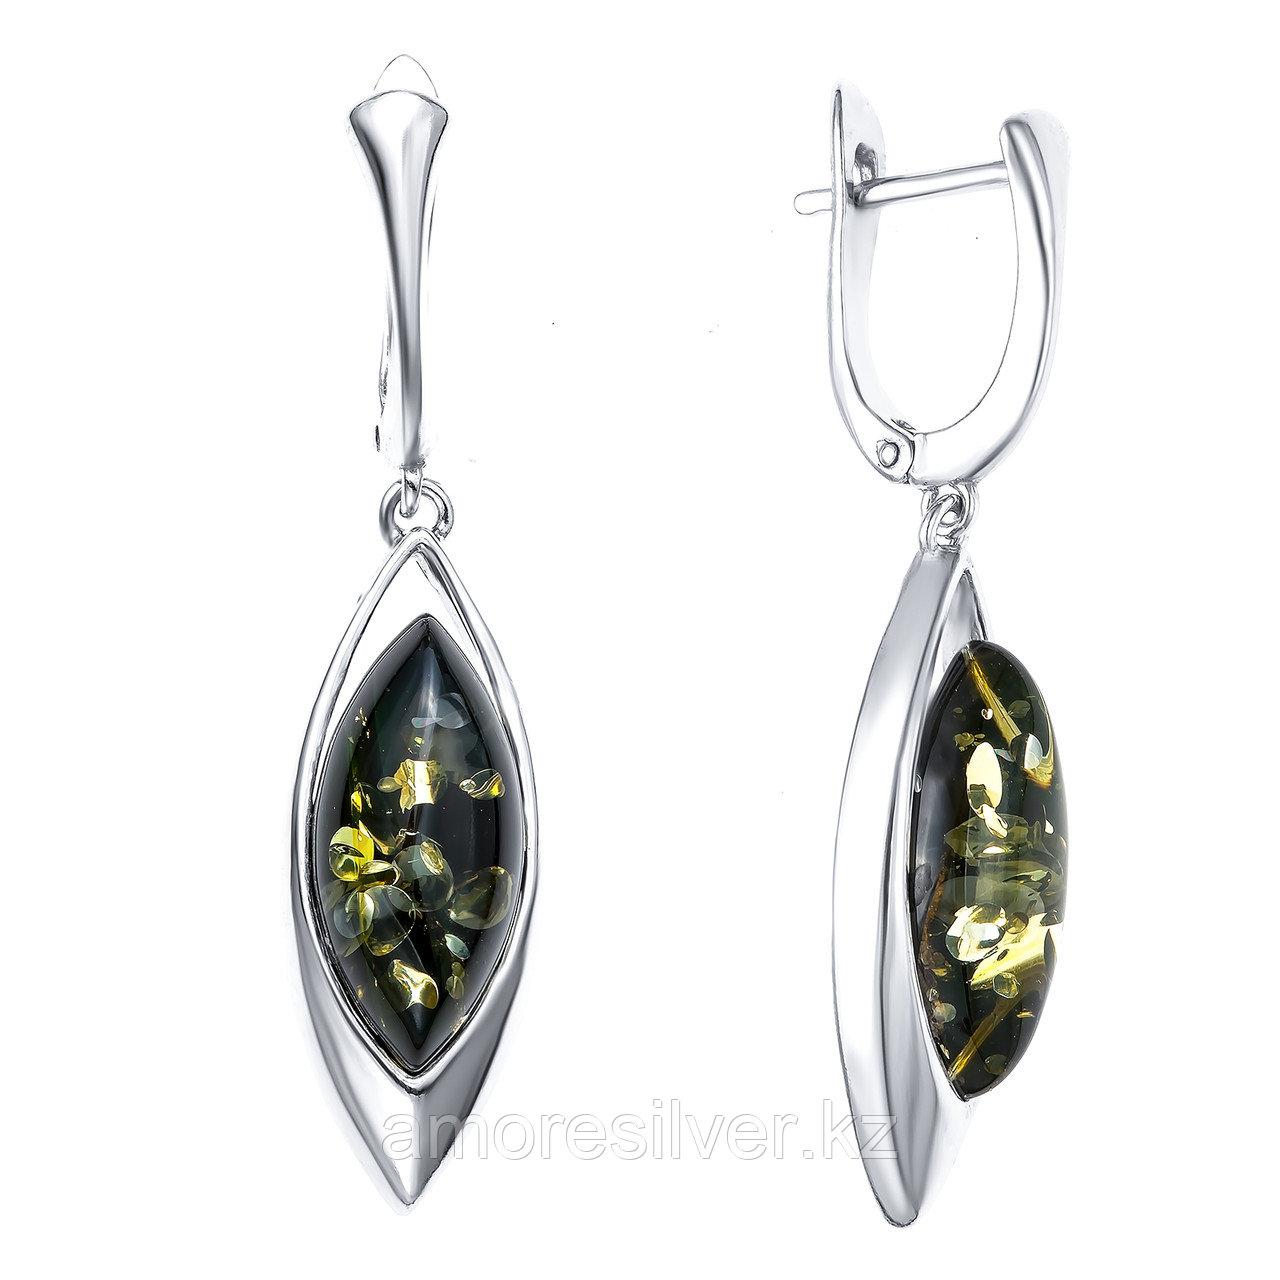 Серьги Darvin серебро с родием, янтарь зеленый, классика 929011007ab